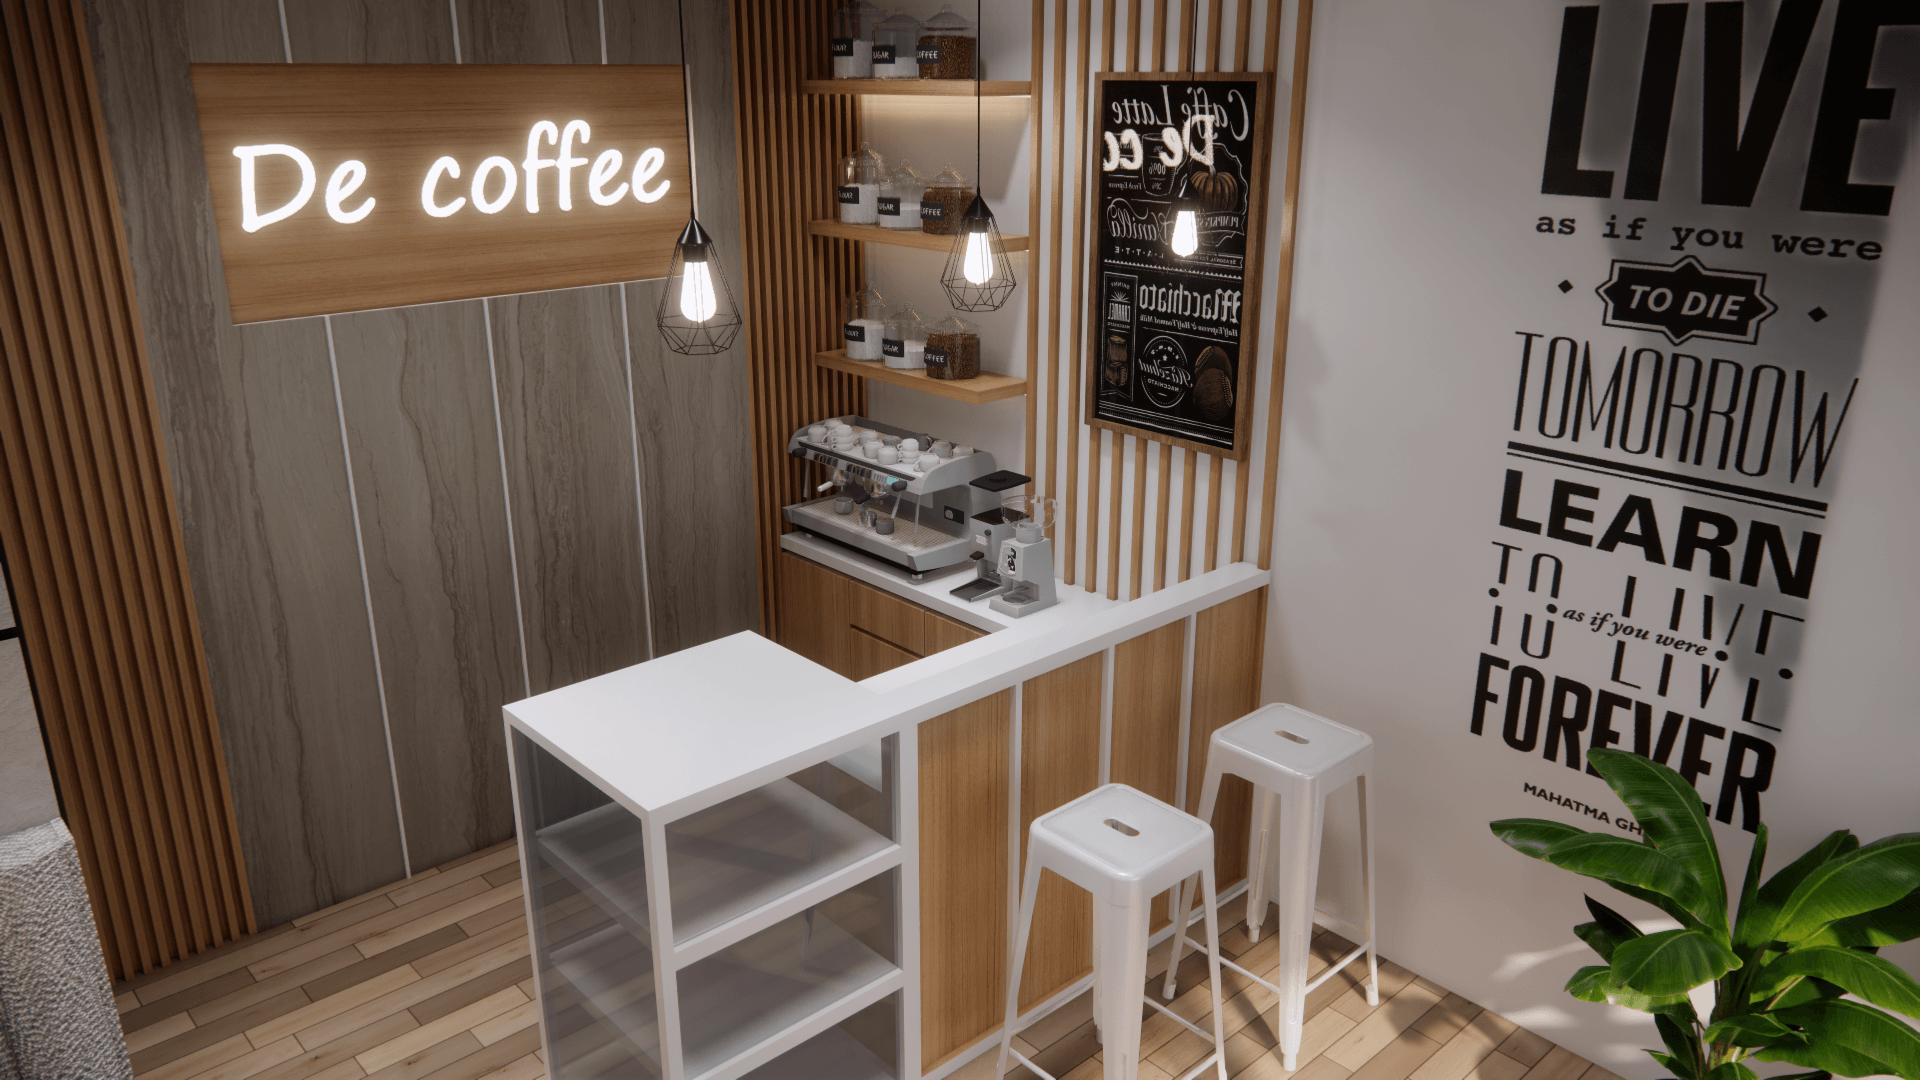 Faisal Amri Coffe Shop Bpk Andi Semarang, Kota Semarang, Jawa Tengah, Indonesia Semarang, Kota Semarang, Jawa Tengah, Indonesia Faisal-Amri-Coffe-Shop-Bpk-Andi  132499